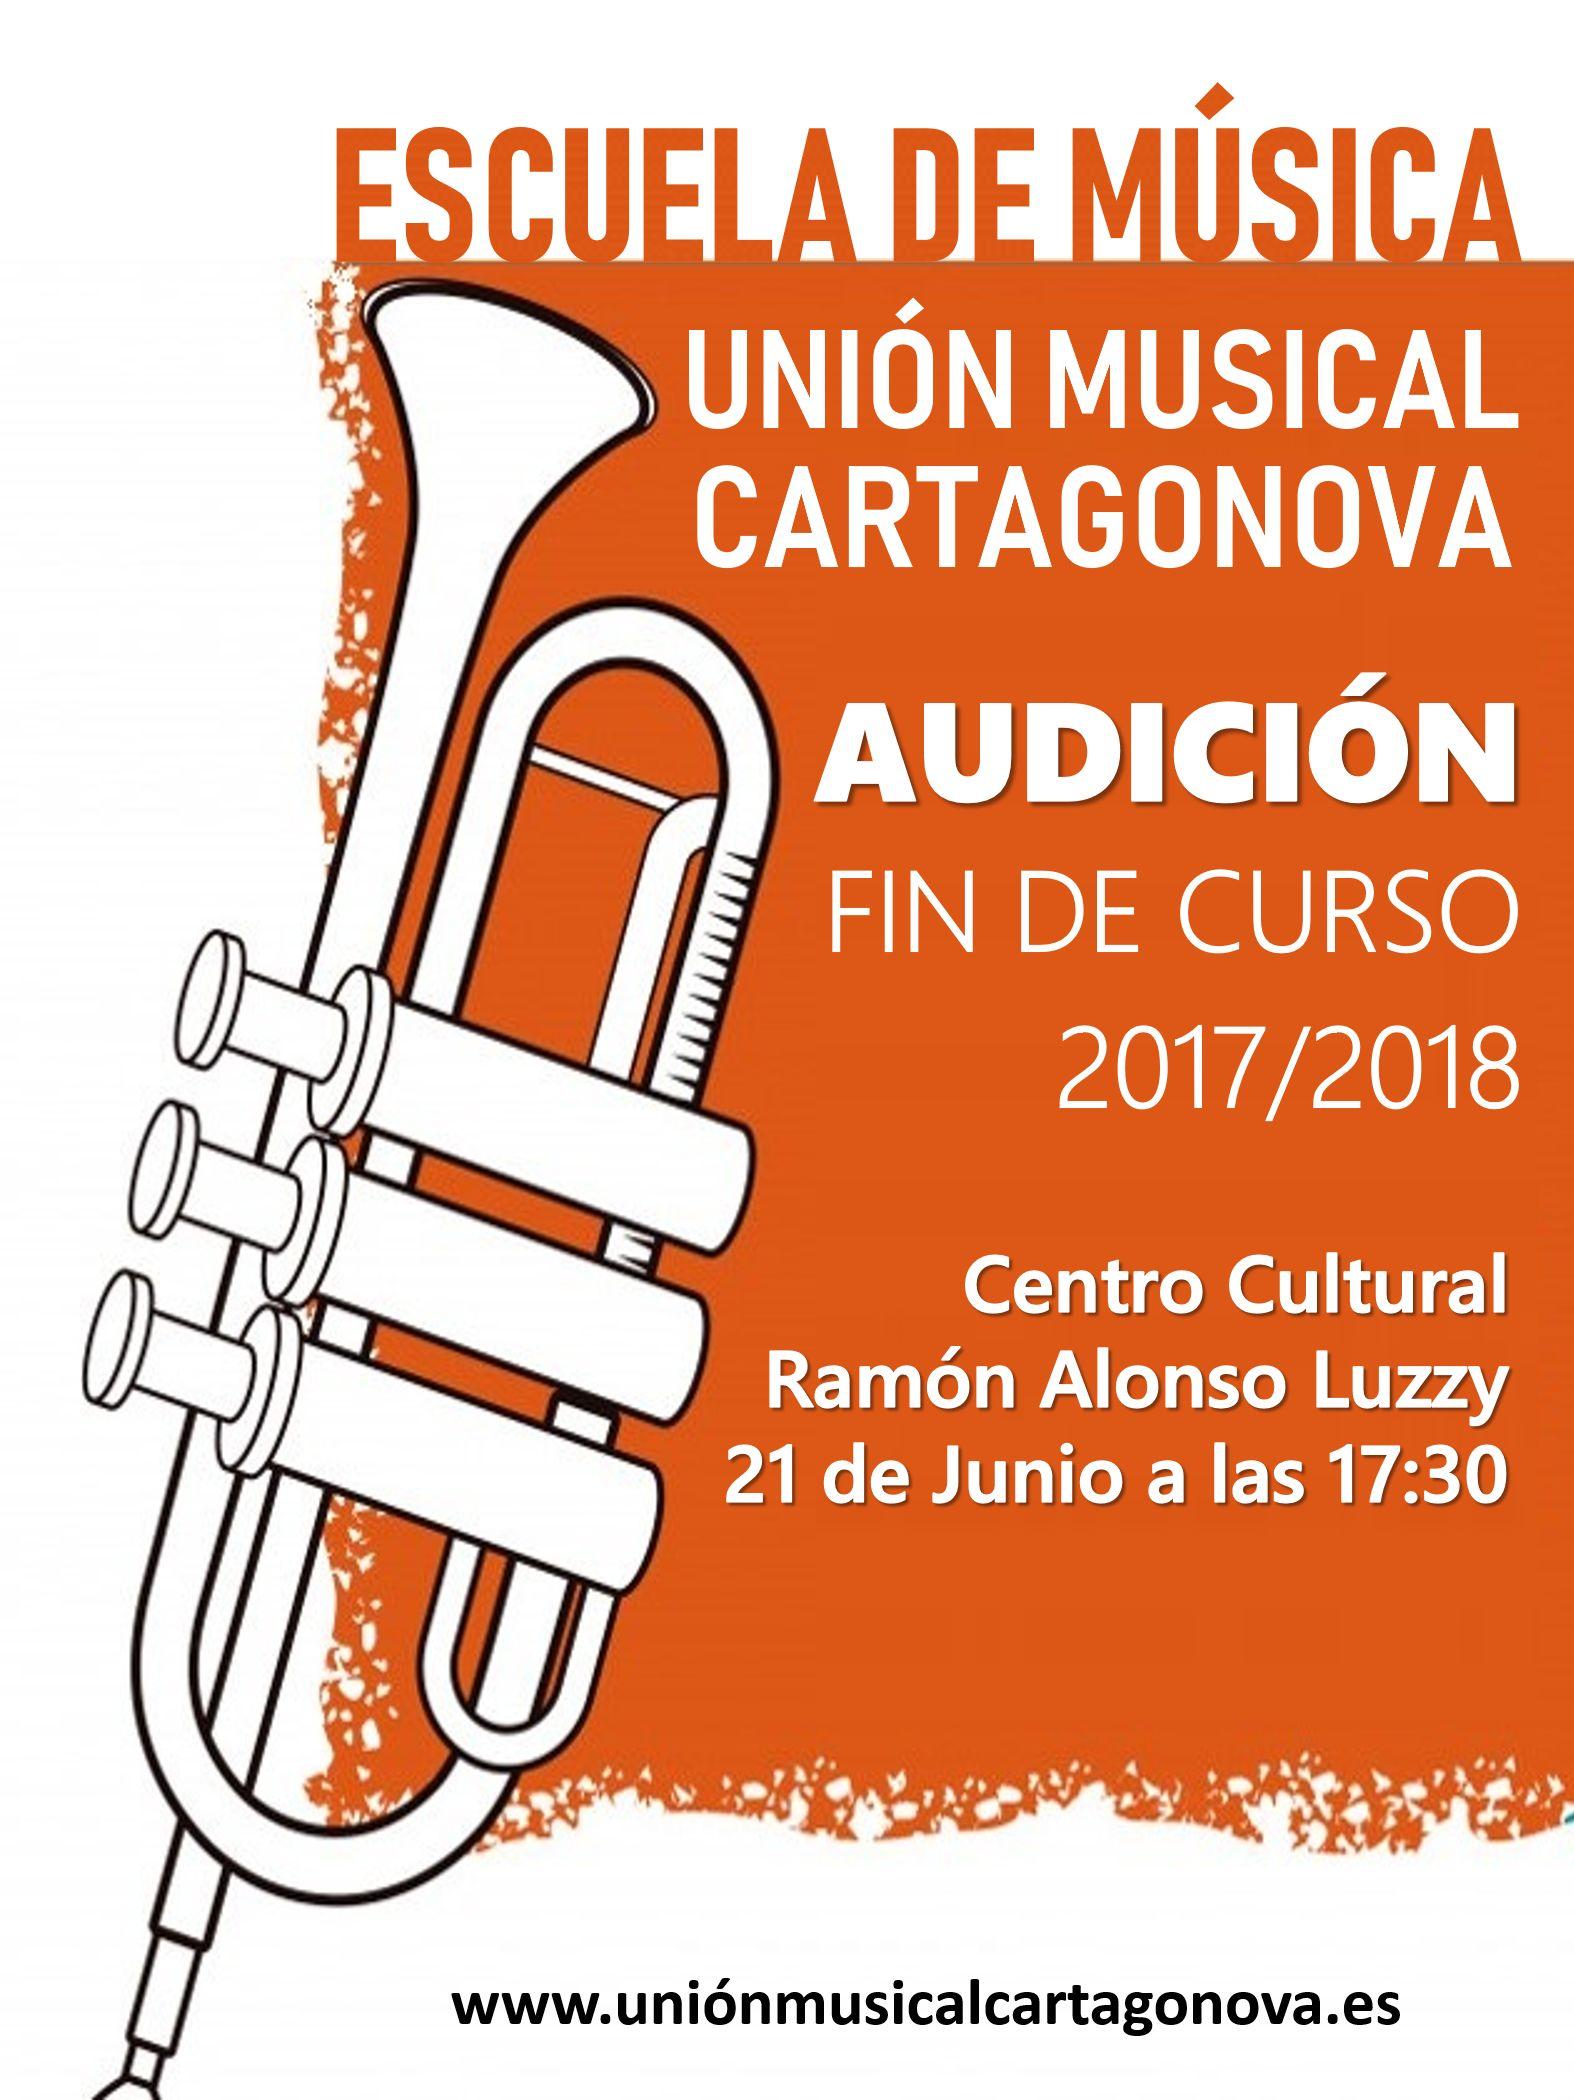 Audicion fin curso 2018 1